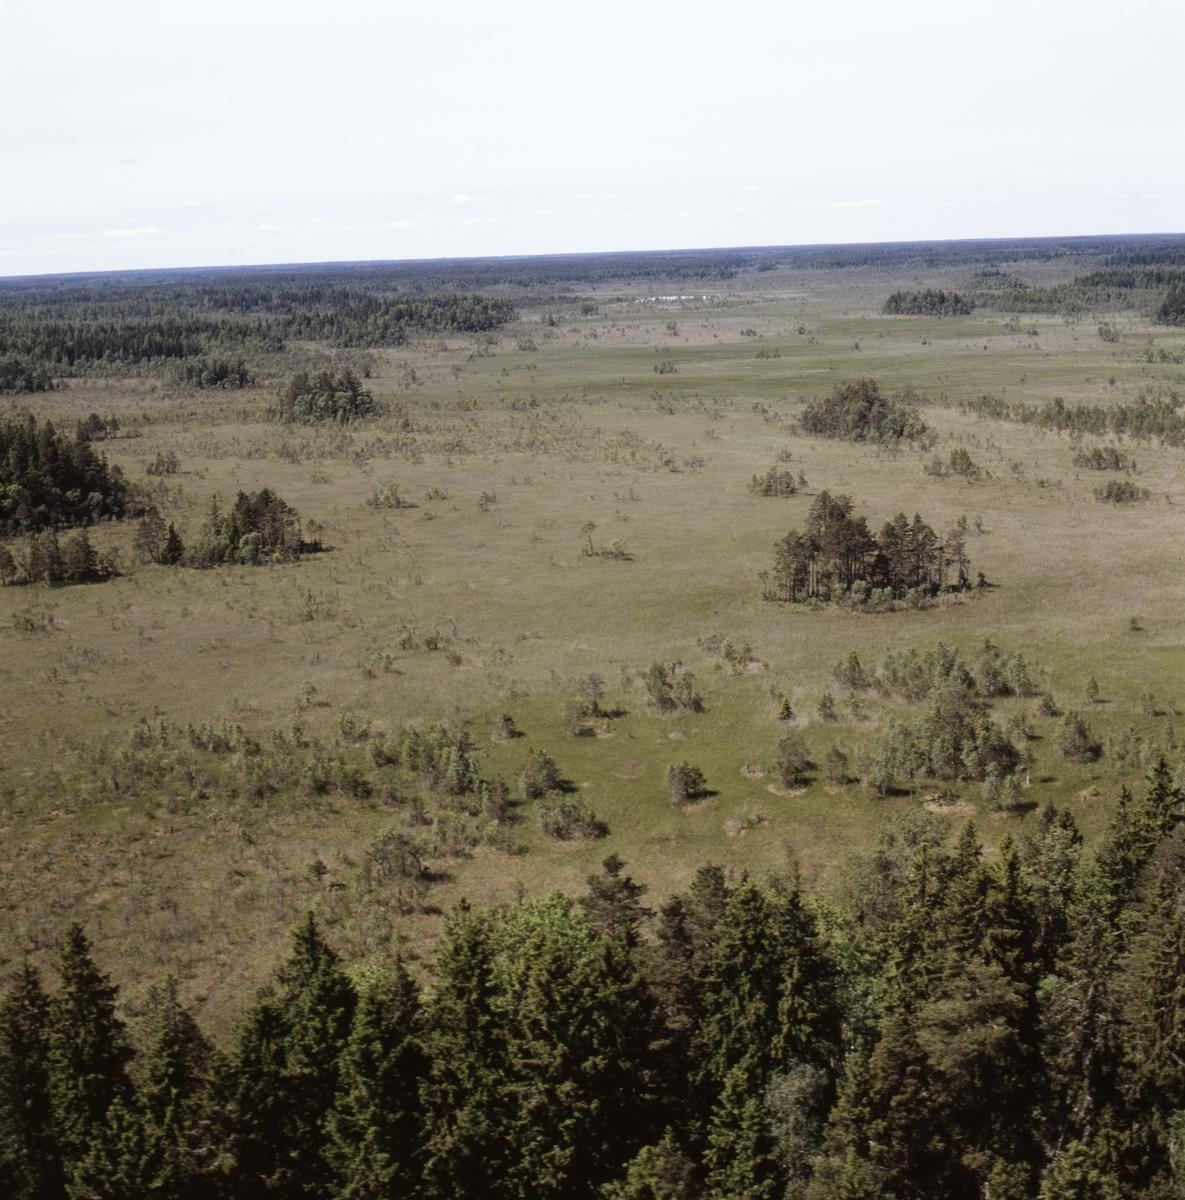 Vy över Stenstamon mossmark och Florarna myrmark, Uppland, juni 1989